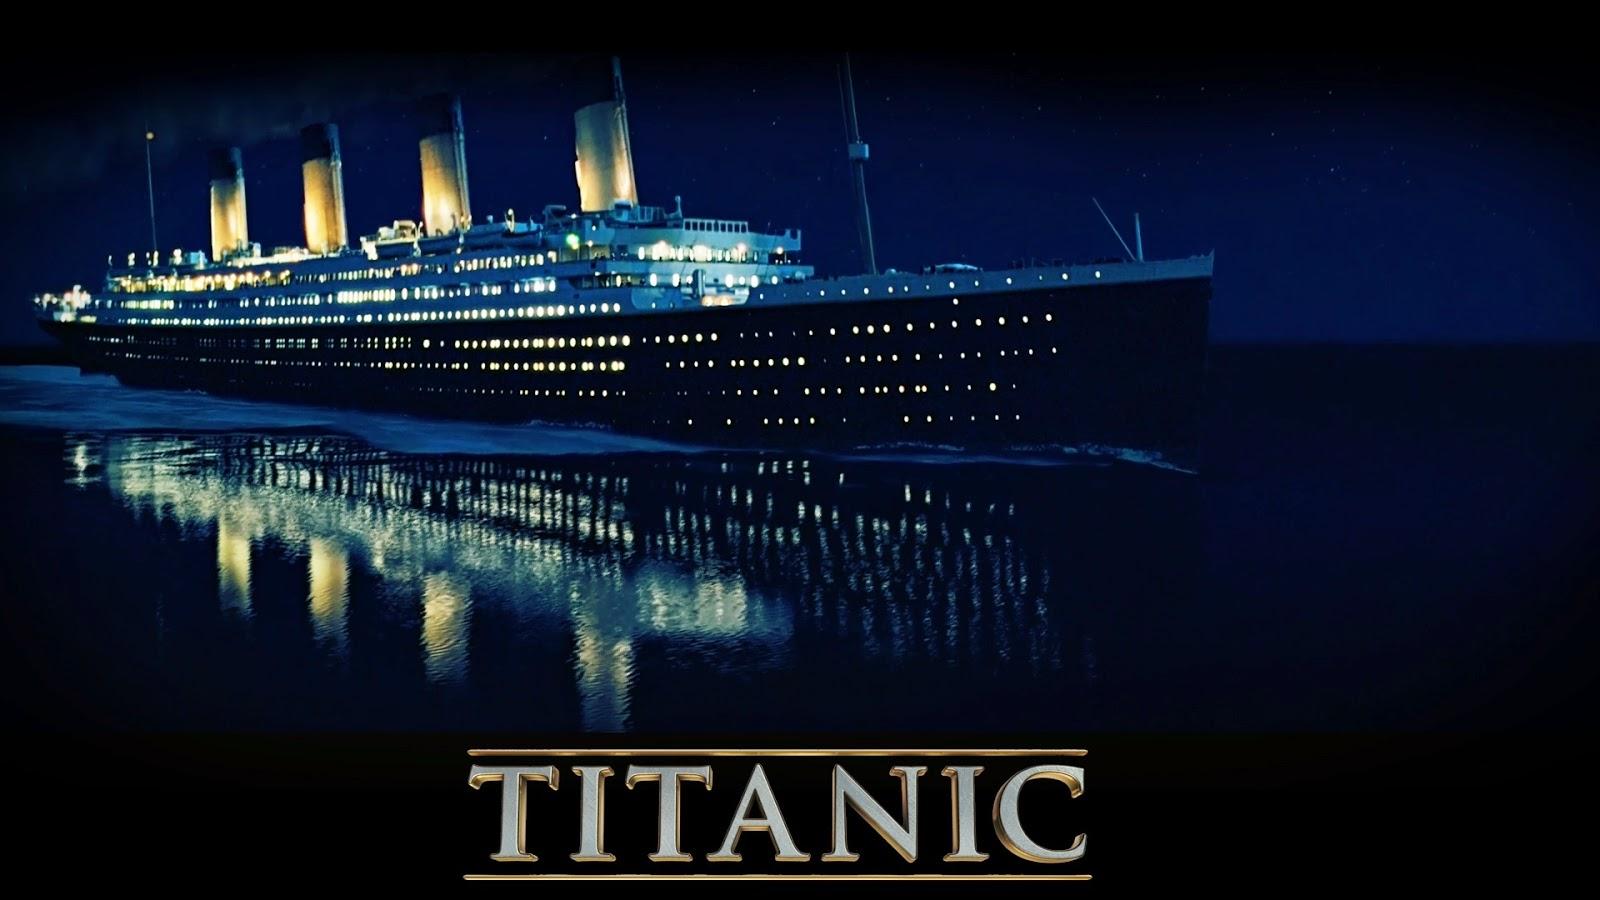 Titanic (1997).